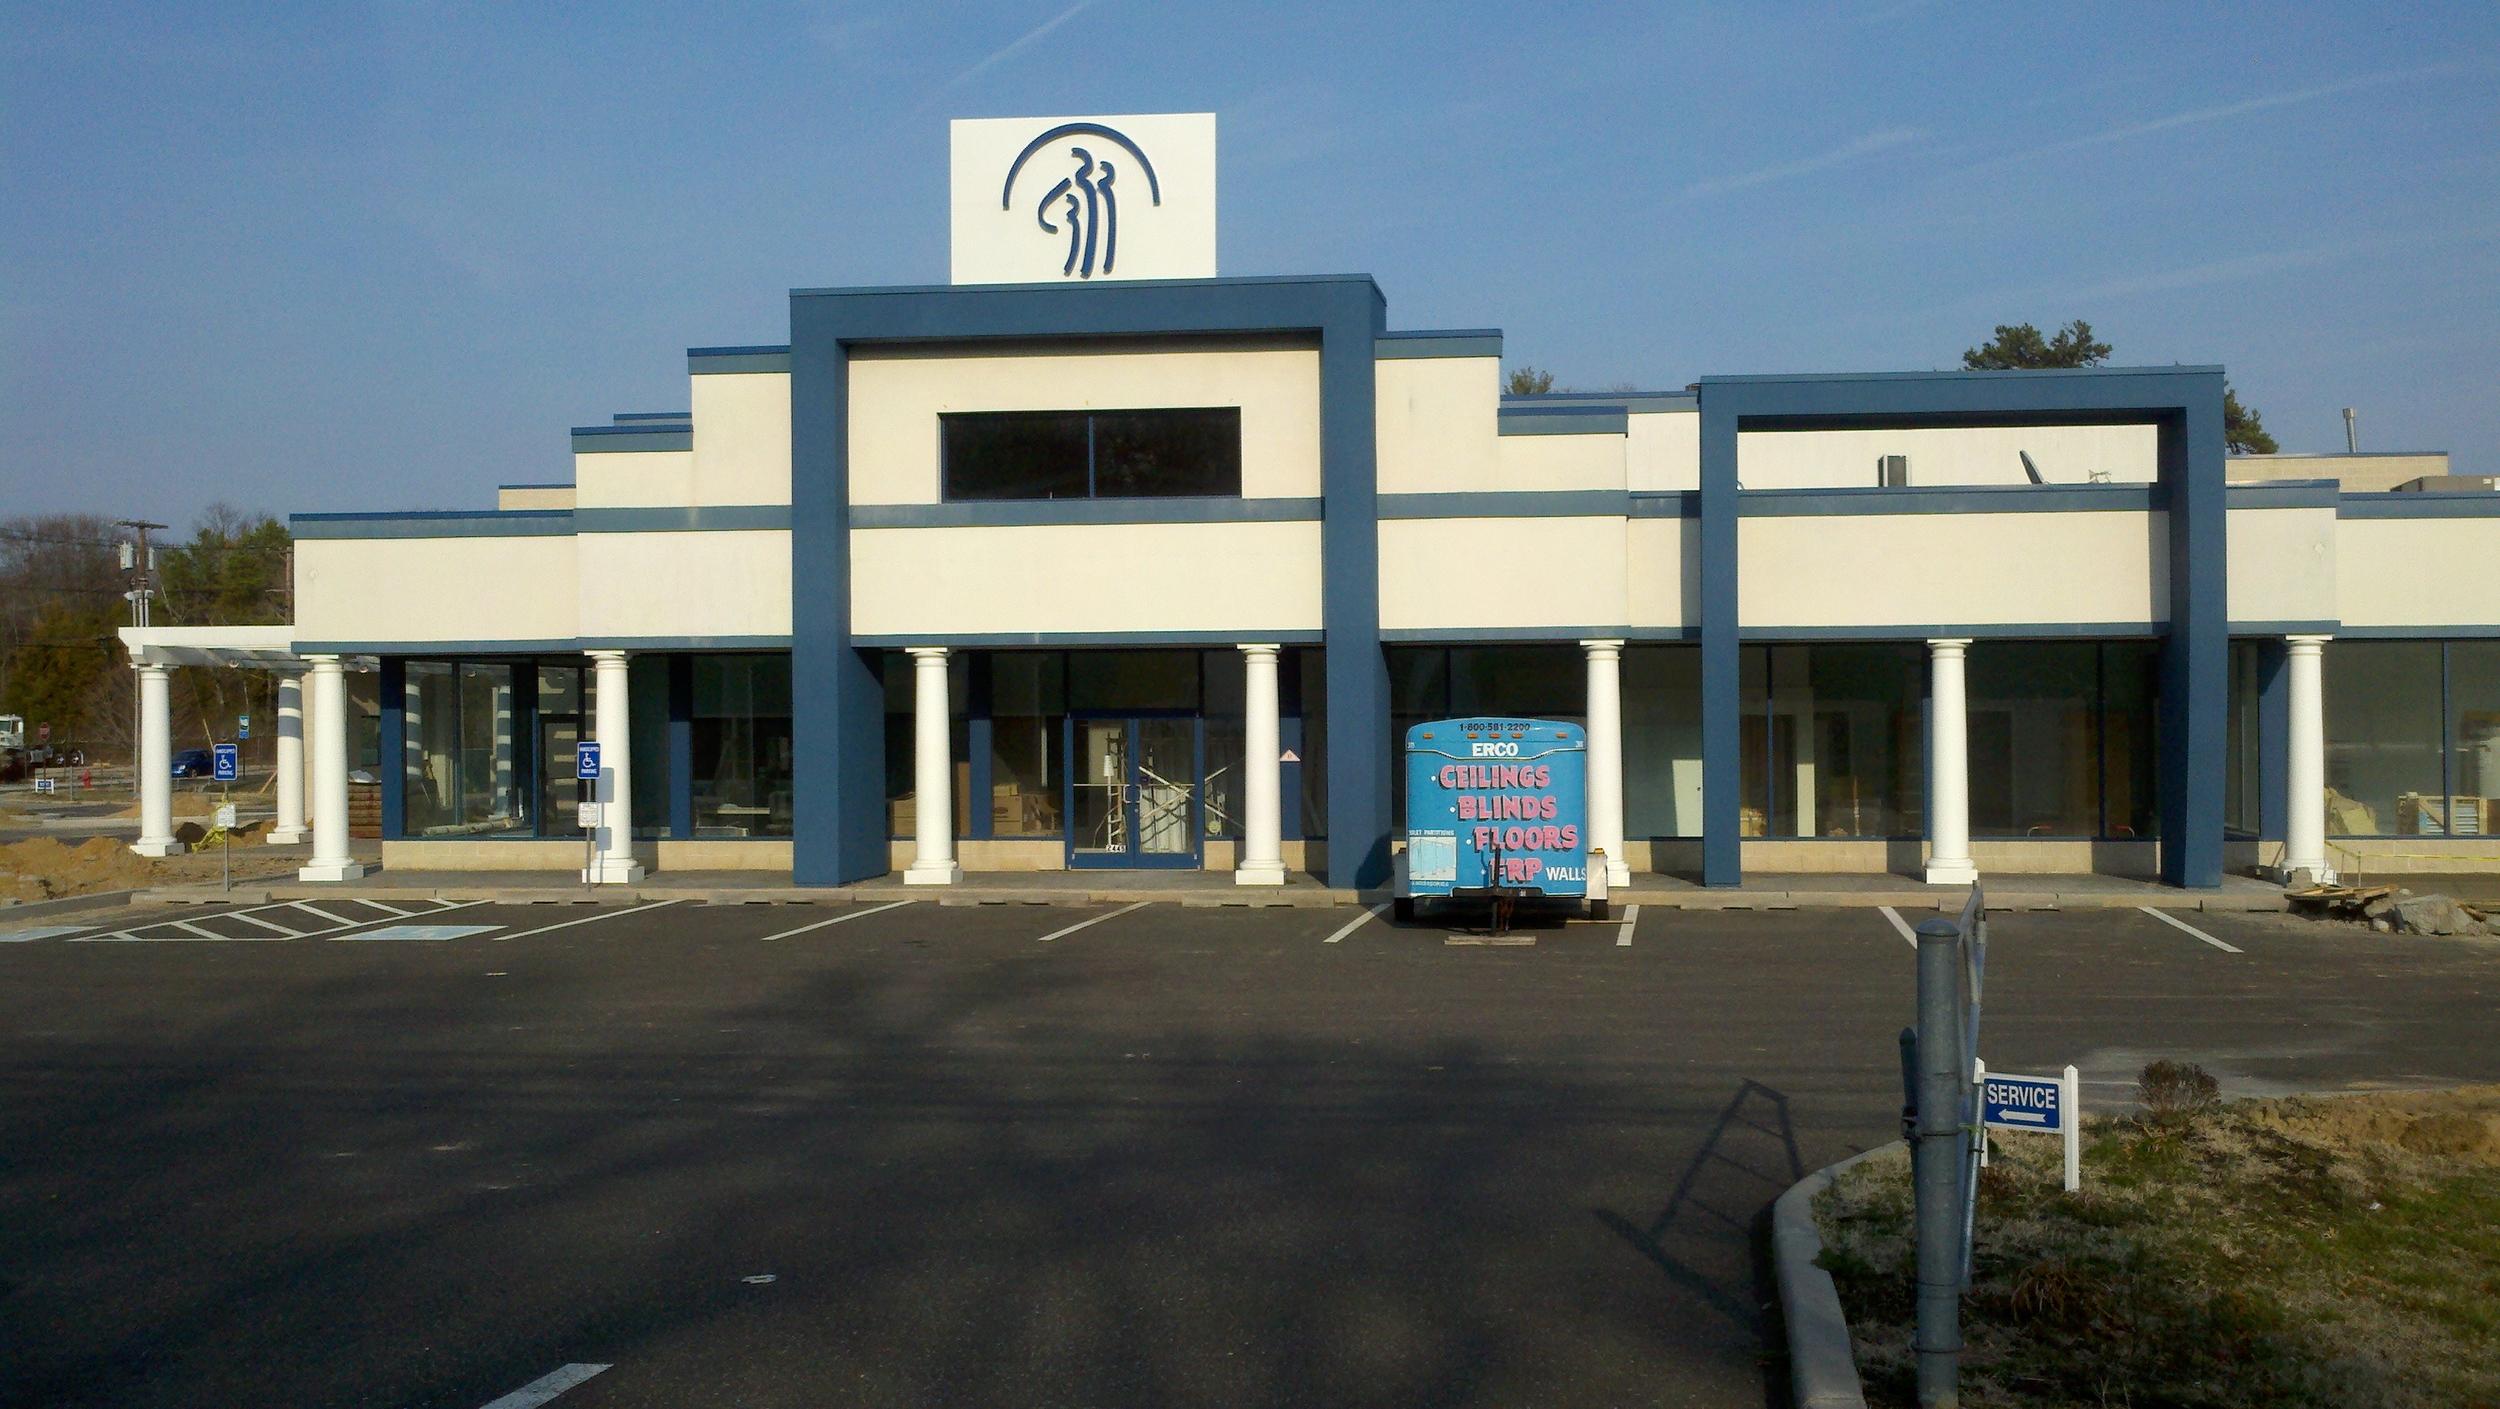 Bldg branding full front 2011-03-18